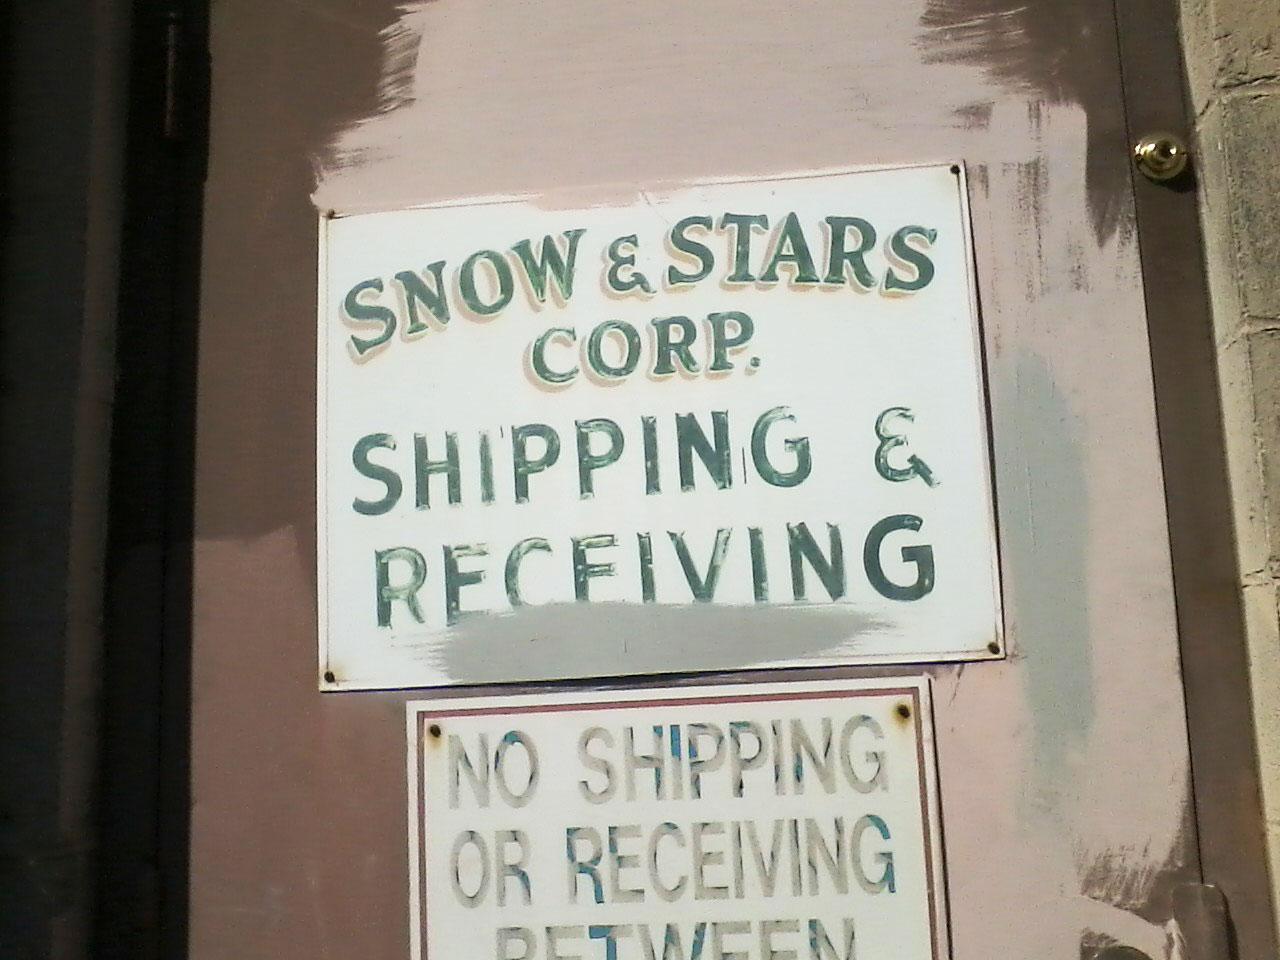 Snow & Stars